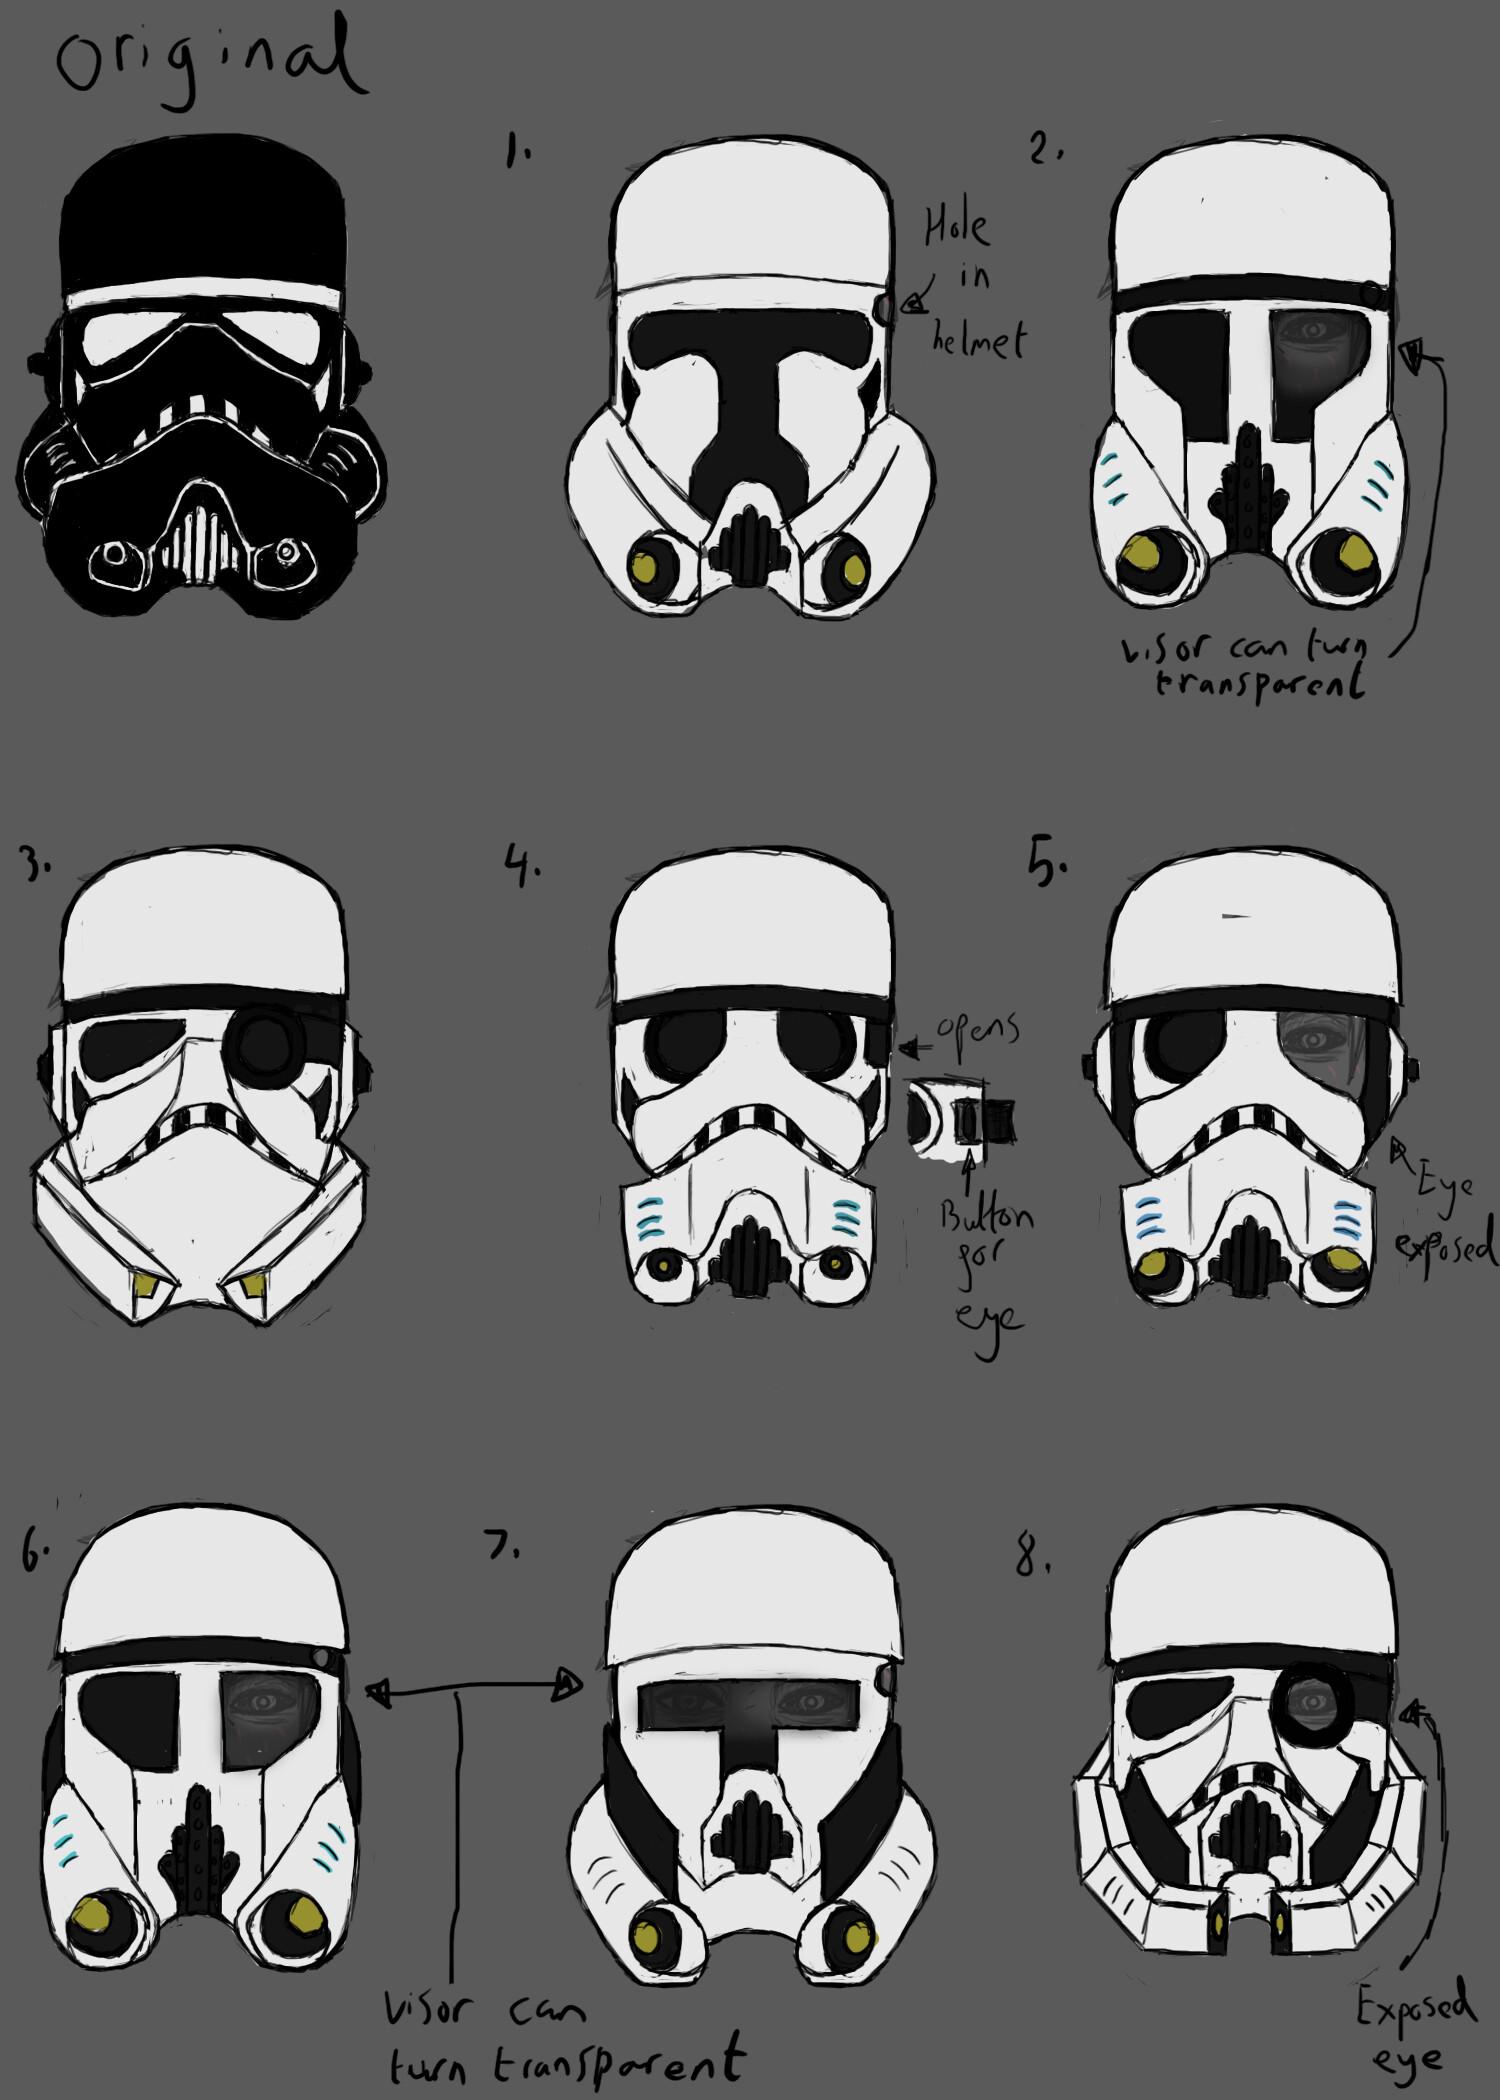 Stormtrooper Helmet Silhouette : stormtrooper, helmet, silhouette, ArtStation, Operational, Design, Stormtrooper, Prop,, Aimee, Aston